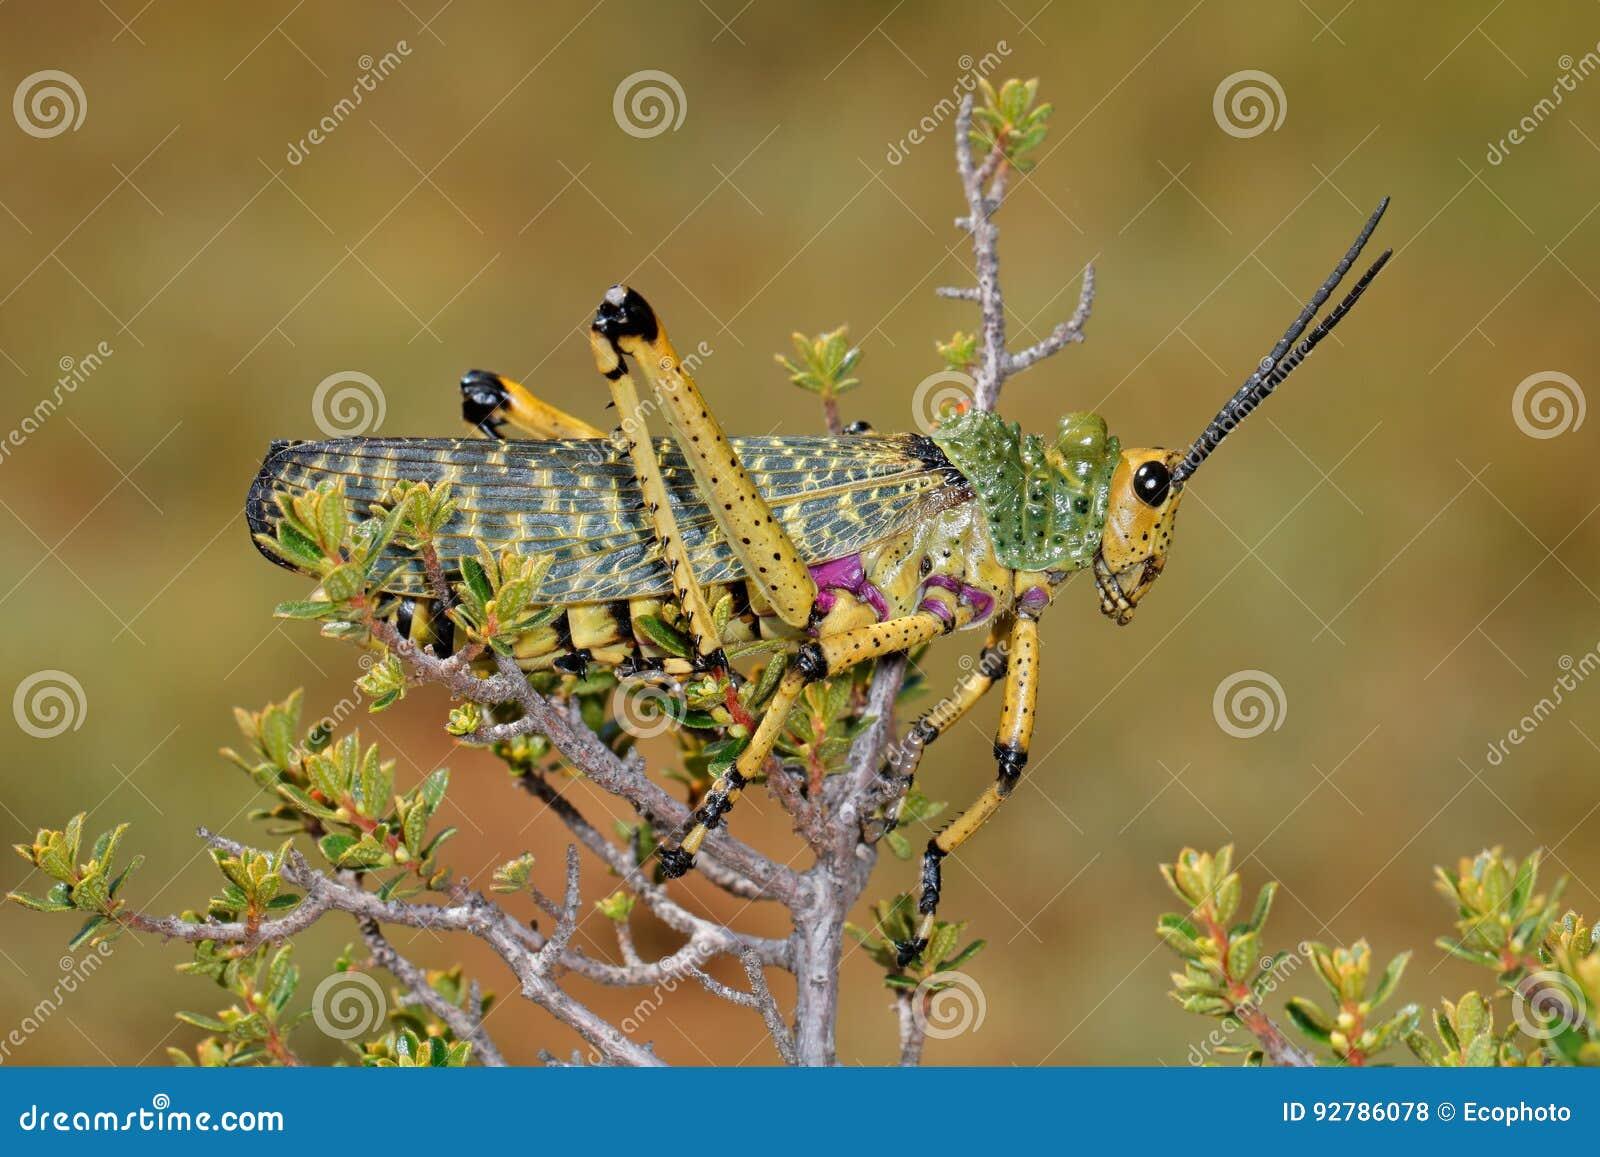 Milkweed locust on plant